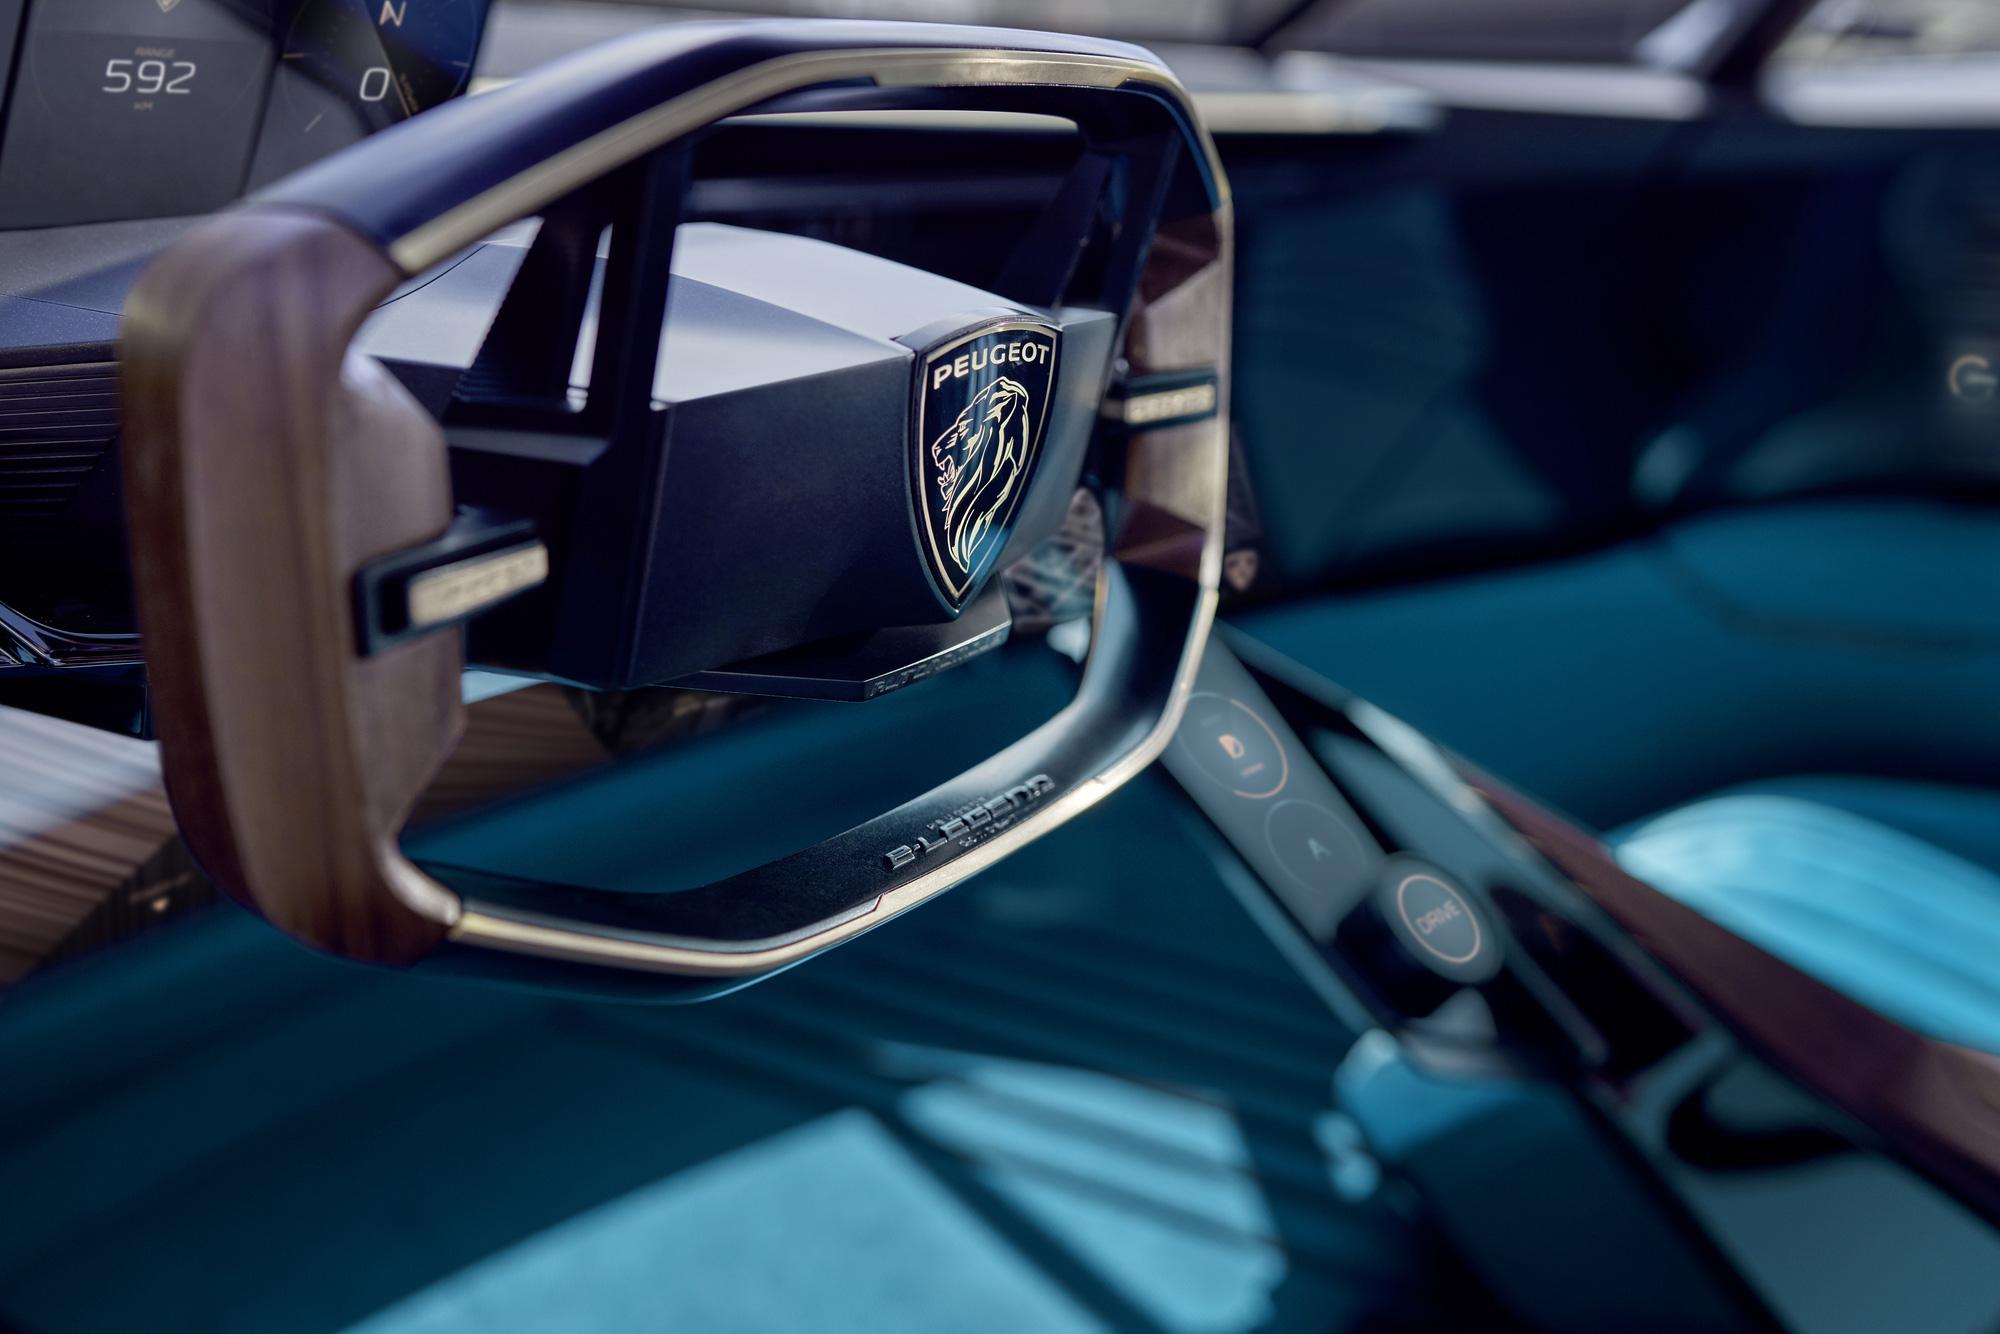 Vô-lăng D-cut: Điểm nhấn thiết kế riêng biệt của Peugeot - Ảnh 4.